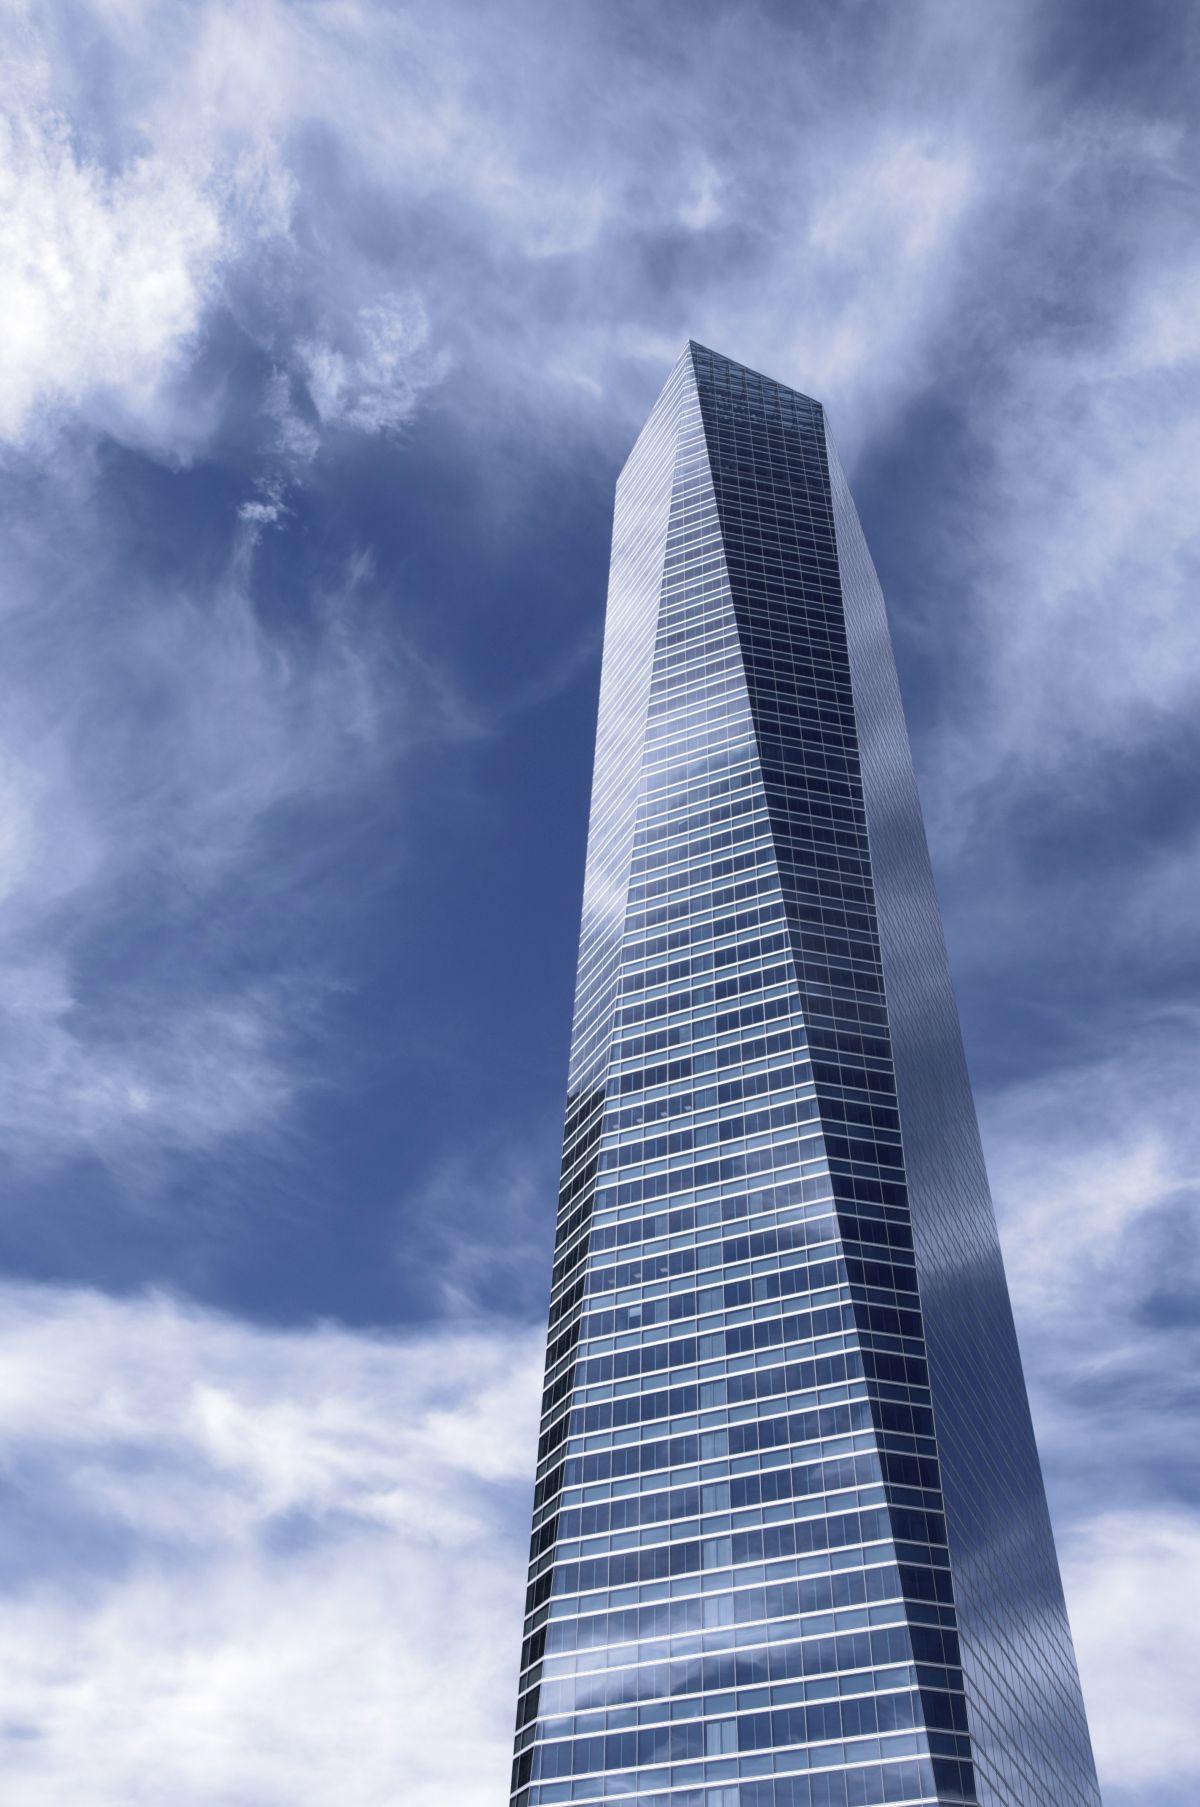 fasada od stakla na neboderima